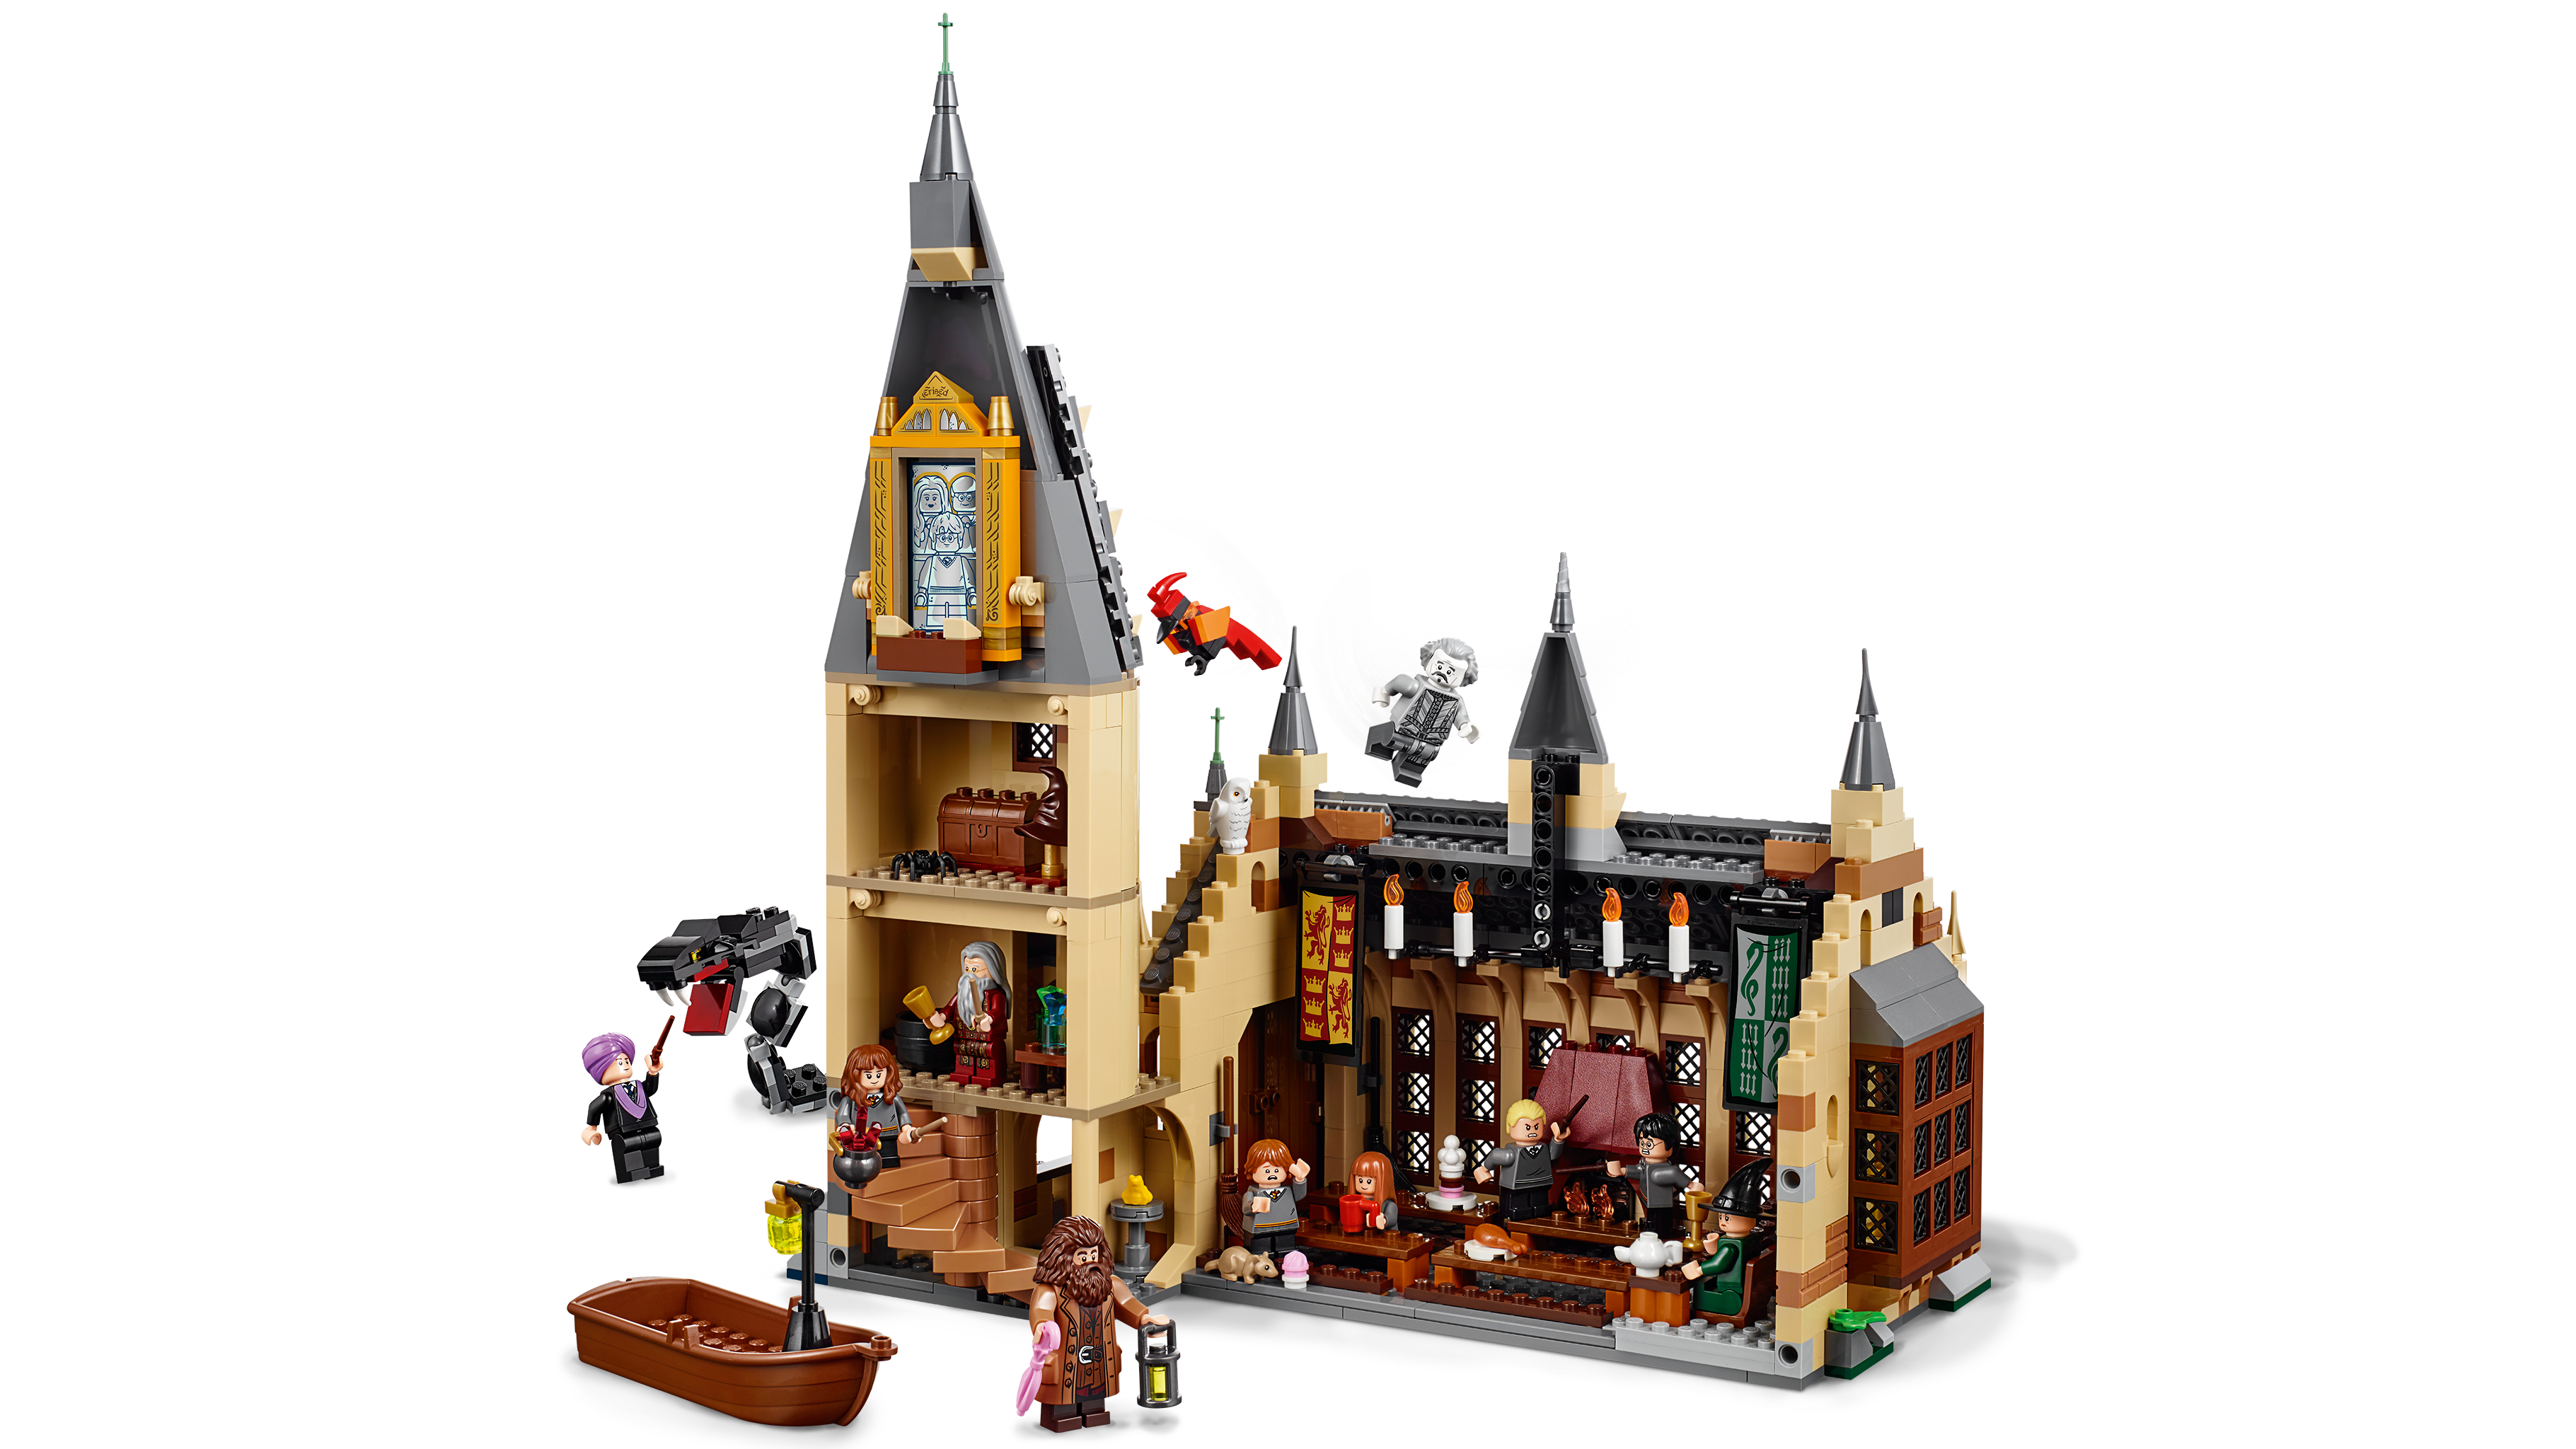 lego harry potter hogwarts great hall 75954 building set